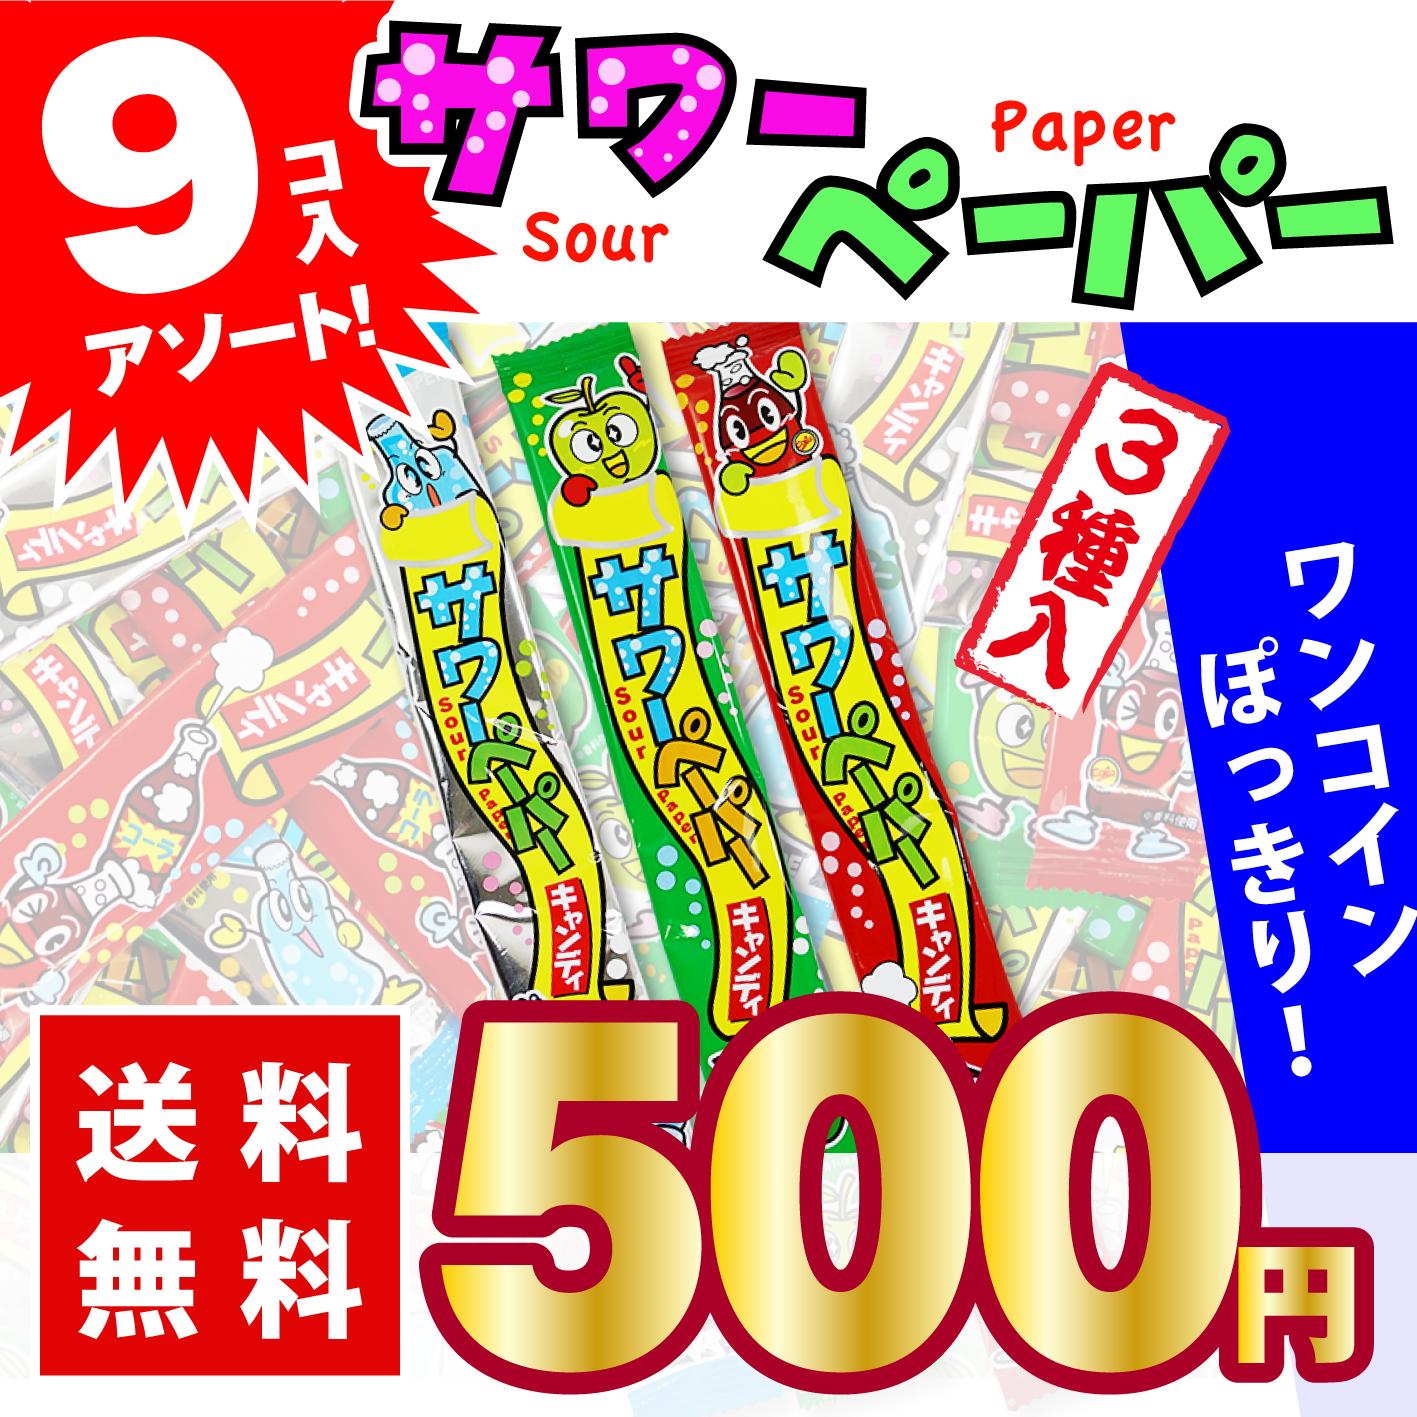 送料無料 500円ポッキリ やおきん サワーペーパー キャンディ シリーズ3種 9個入 ポイント消化 ゆうパケットDM便